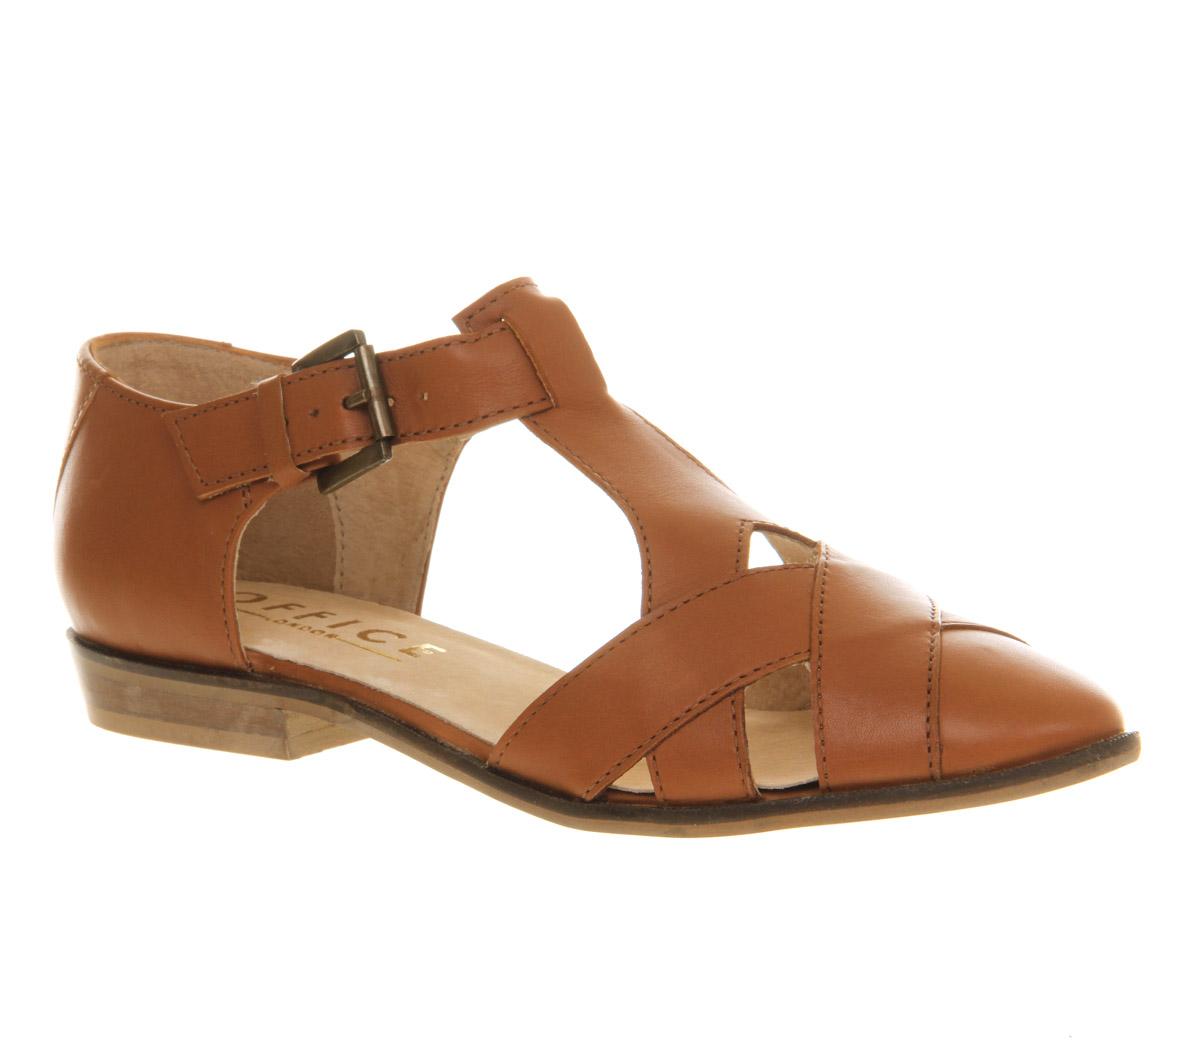 Womens-Office-Kamper-Flat-Weave-Shoe-TAN-LEATHER-Flats